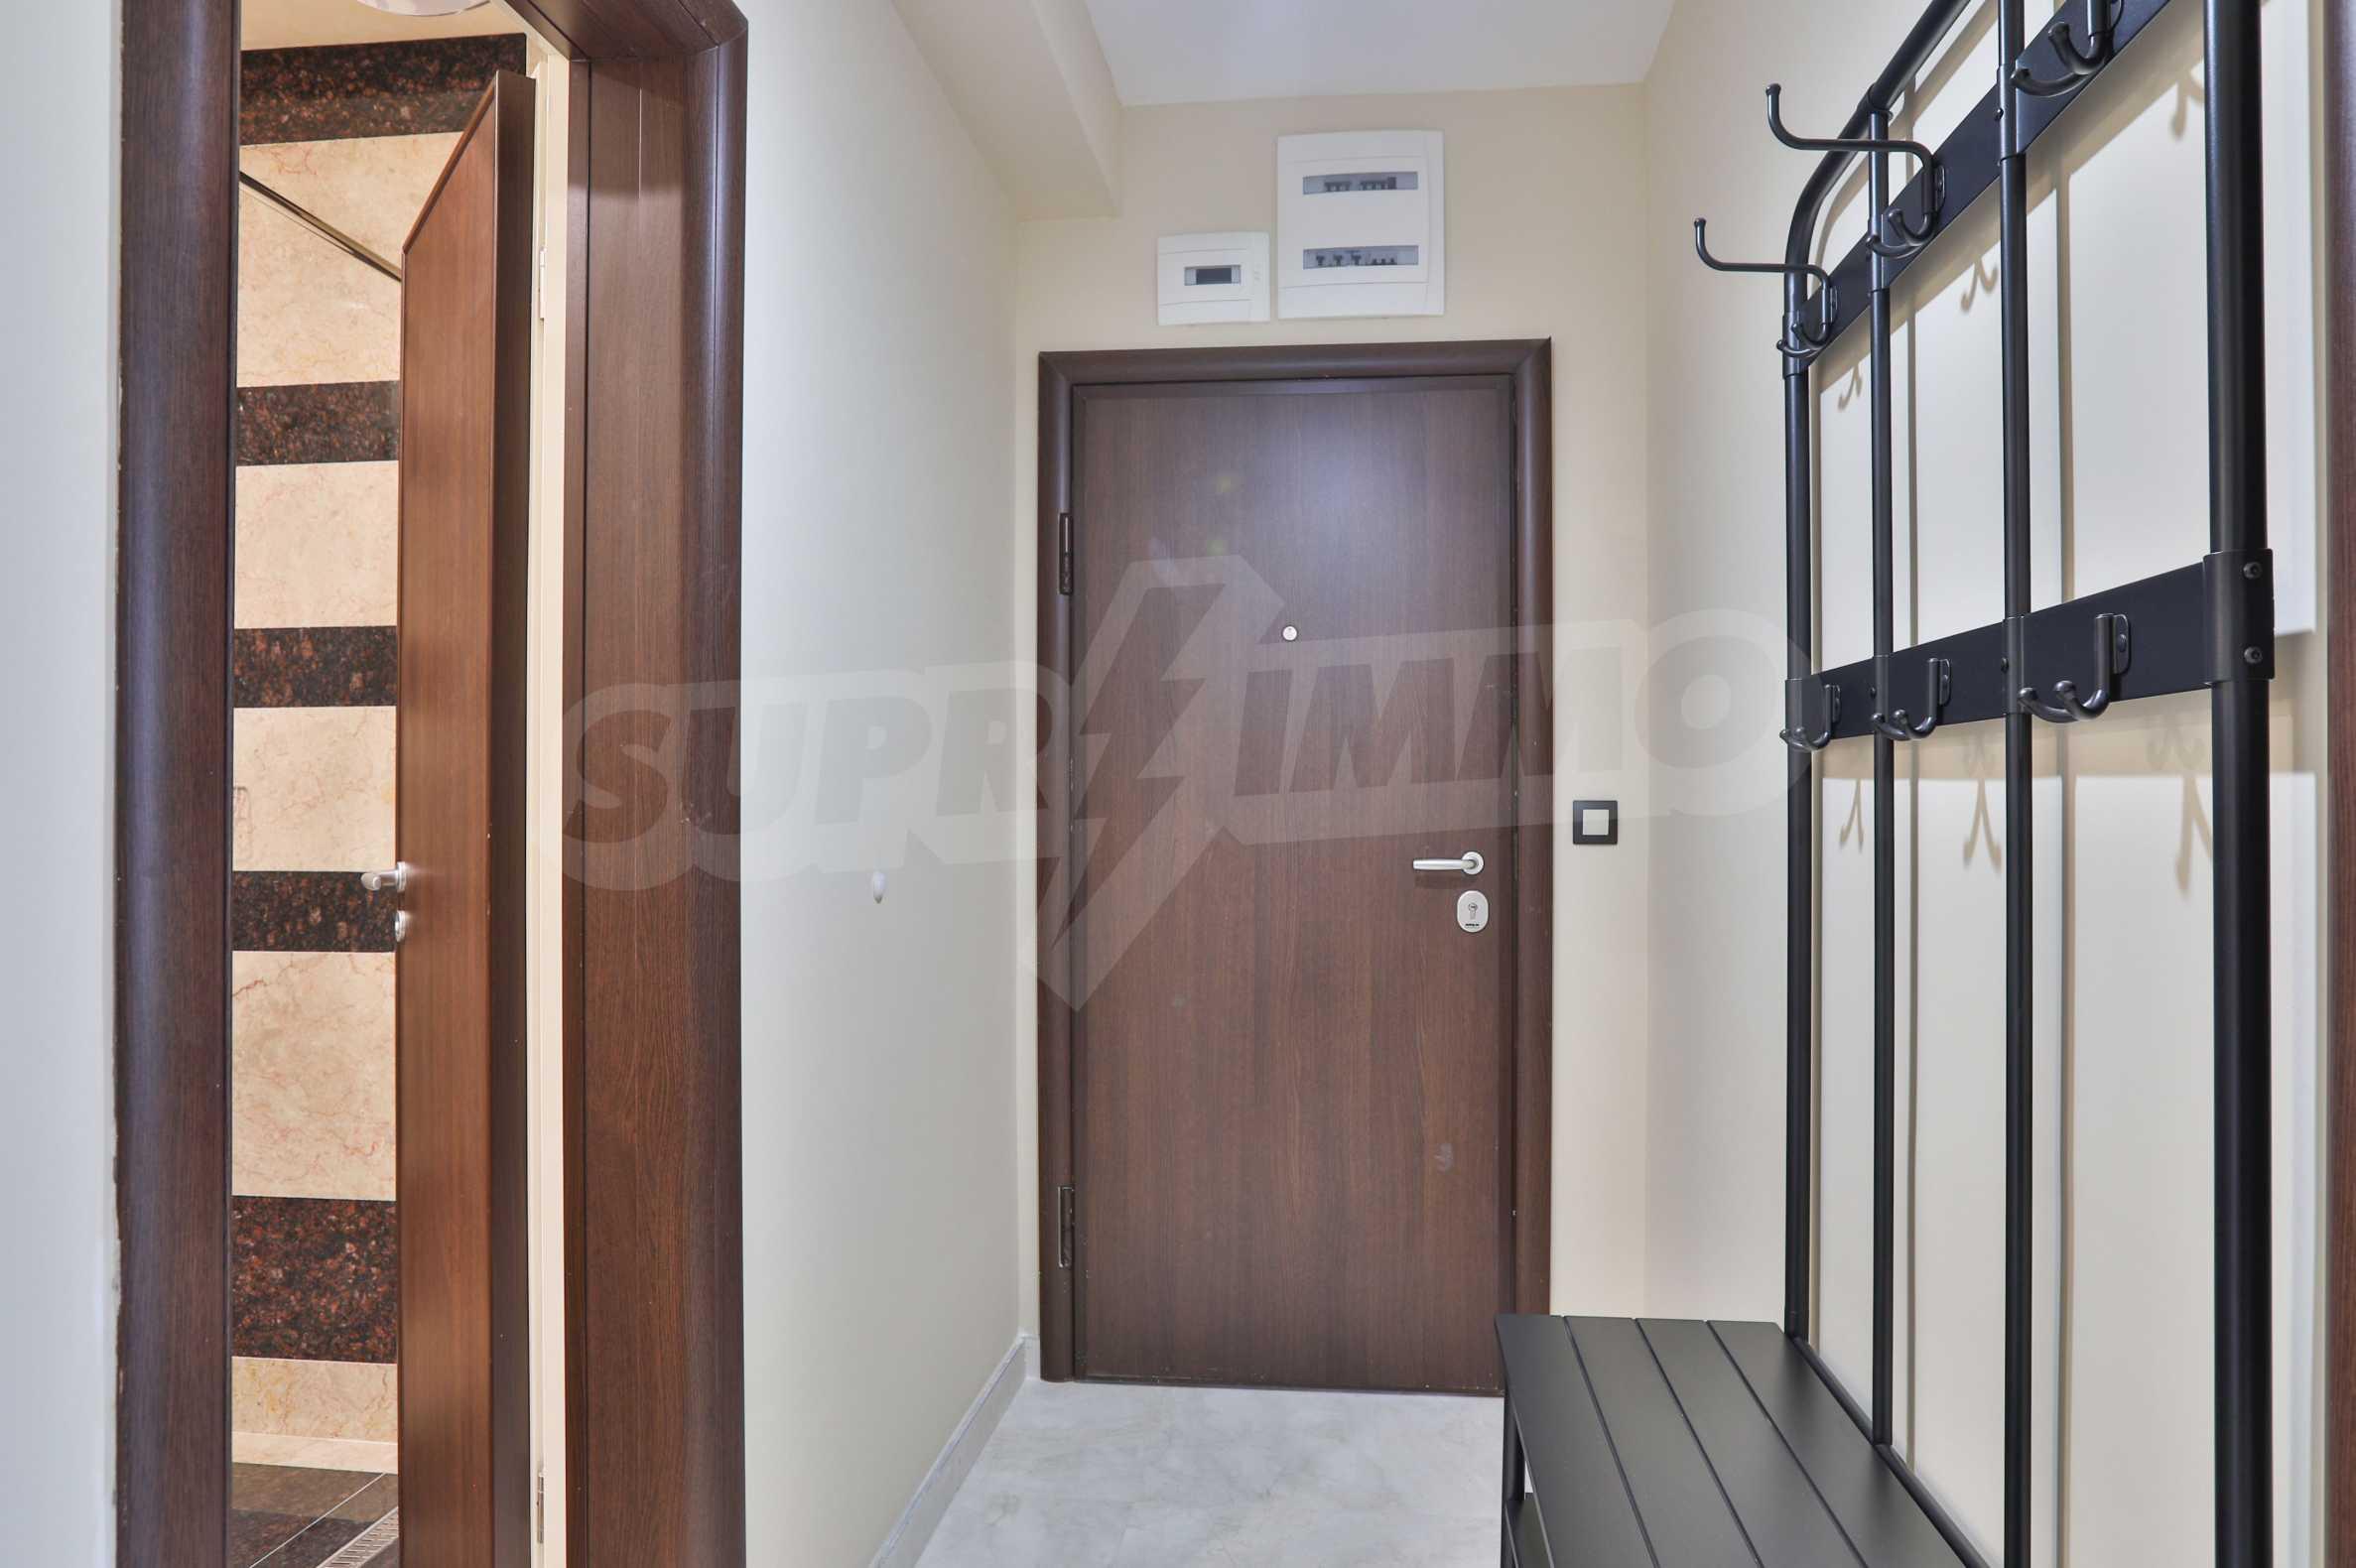 Двустаен апартамент в бутиковата резиденция до Централен плаж - Belle Époque (ап. №A 305) 27